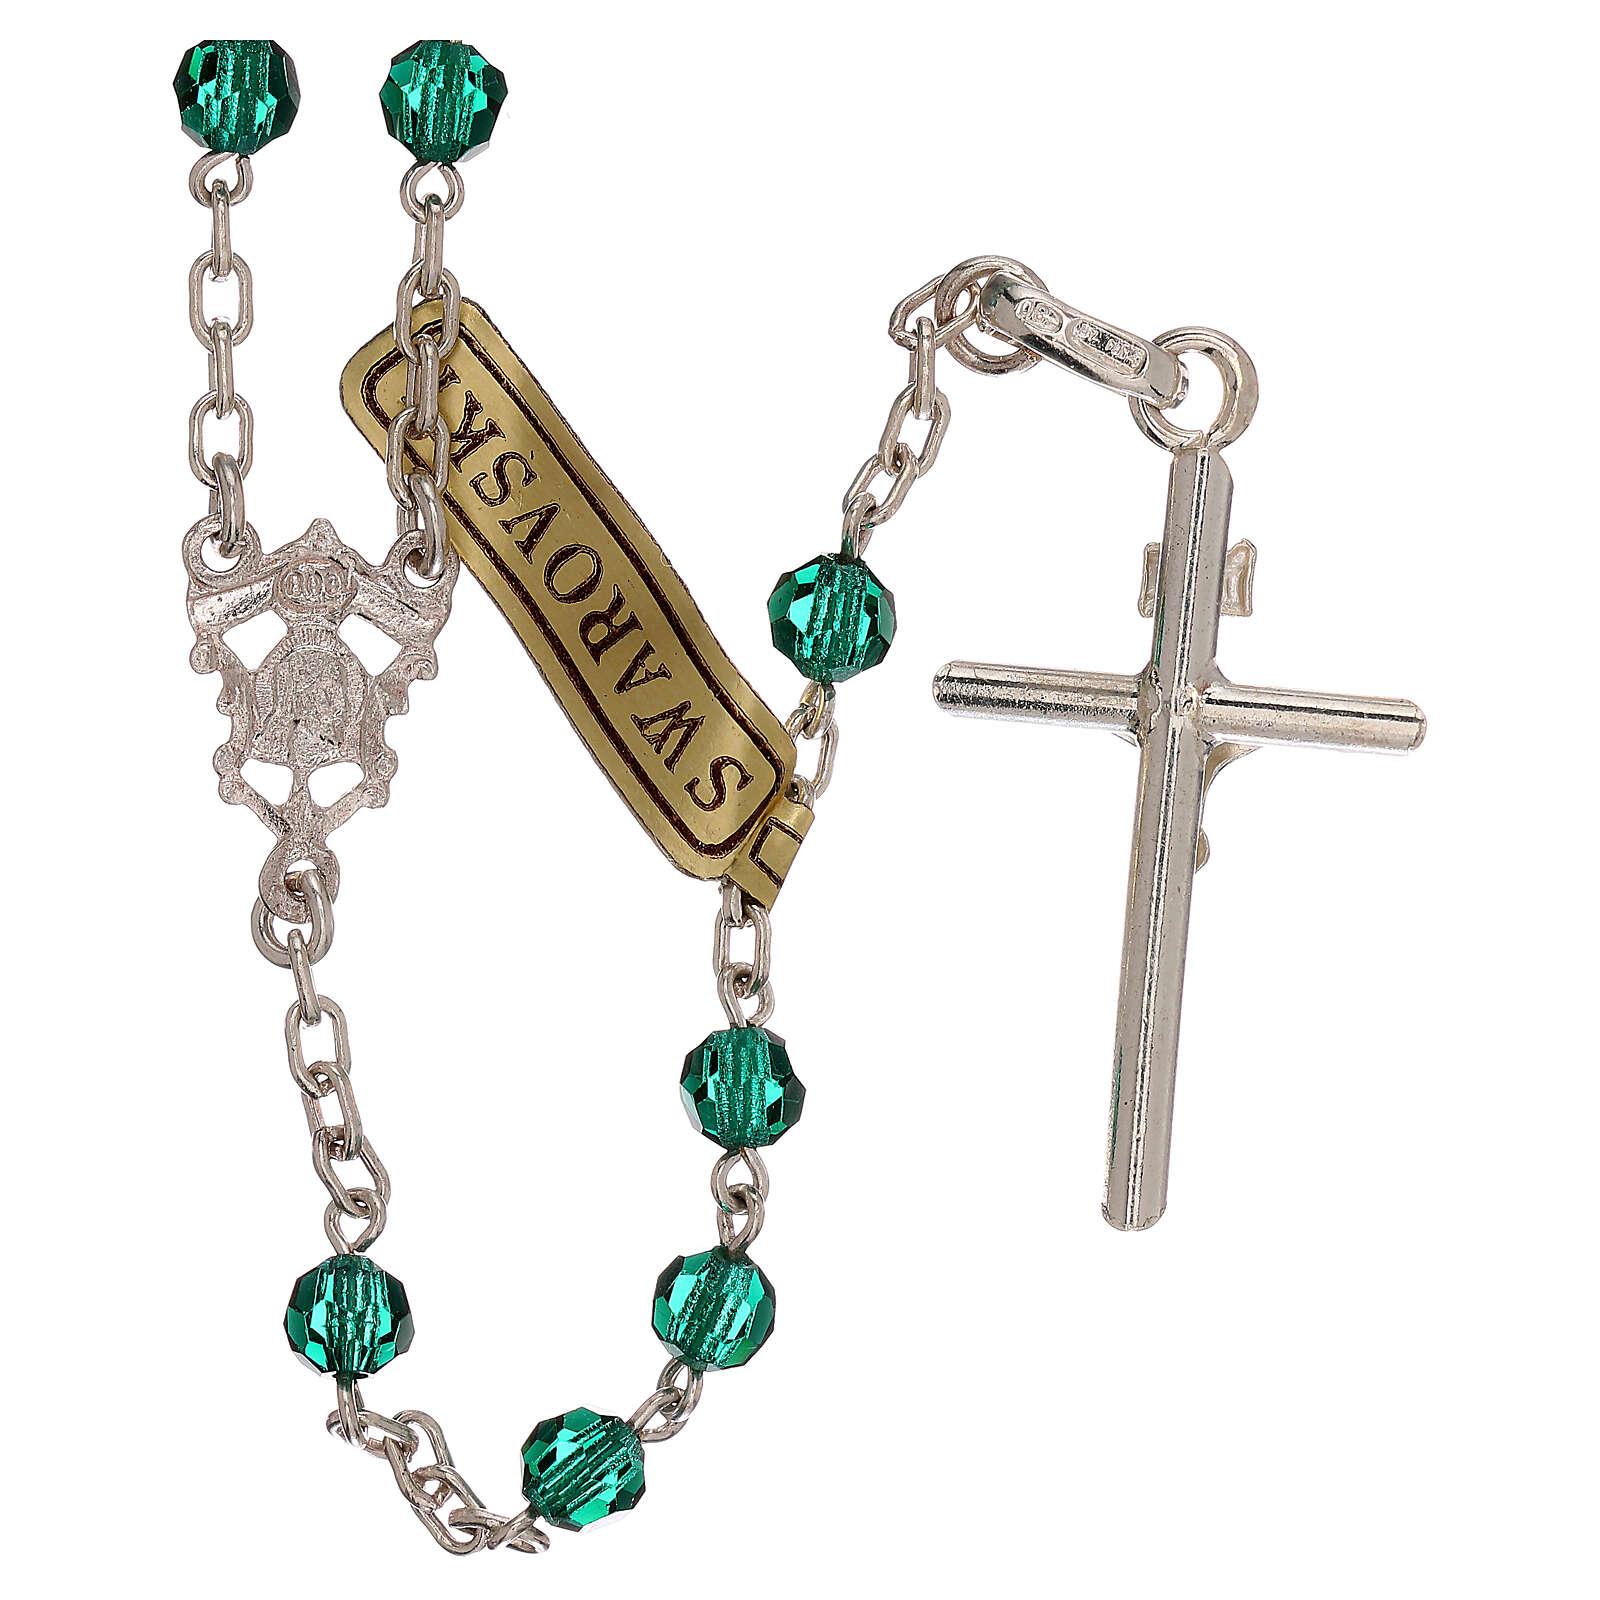 Rosario con catena in argento e grani in Swarovski verdi 4 mm 4